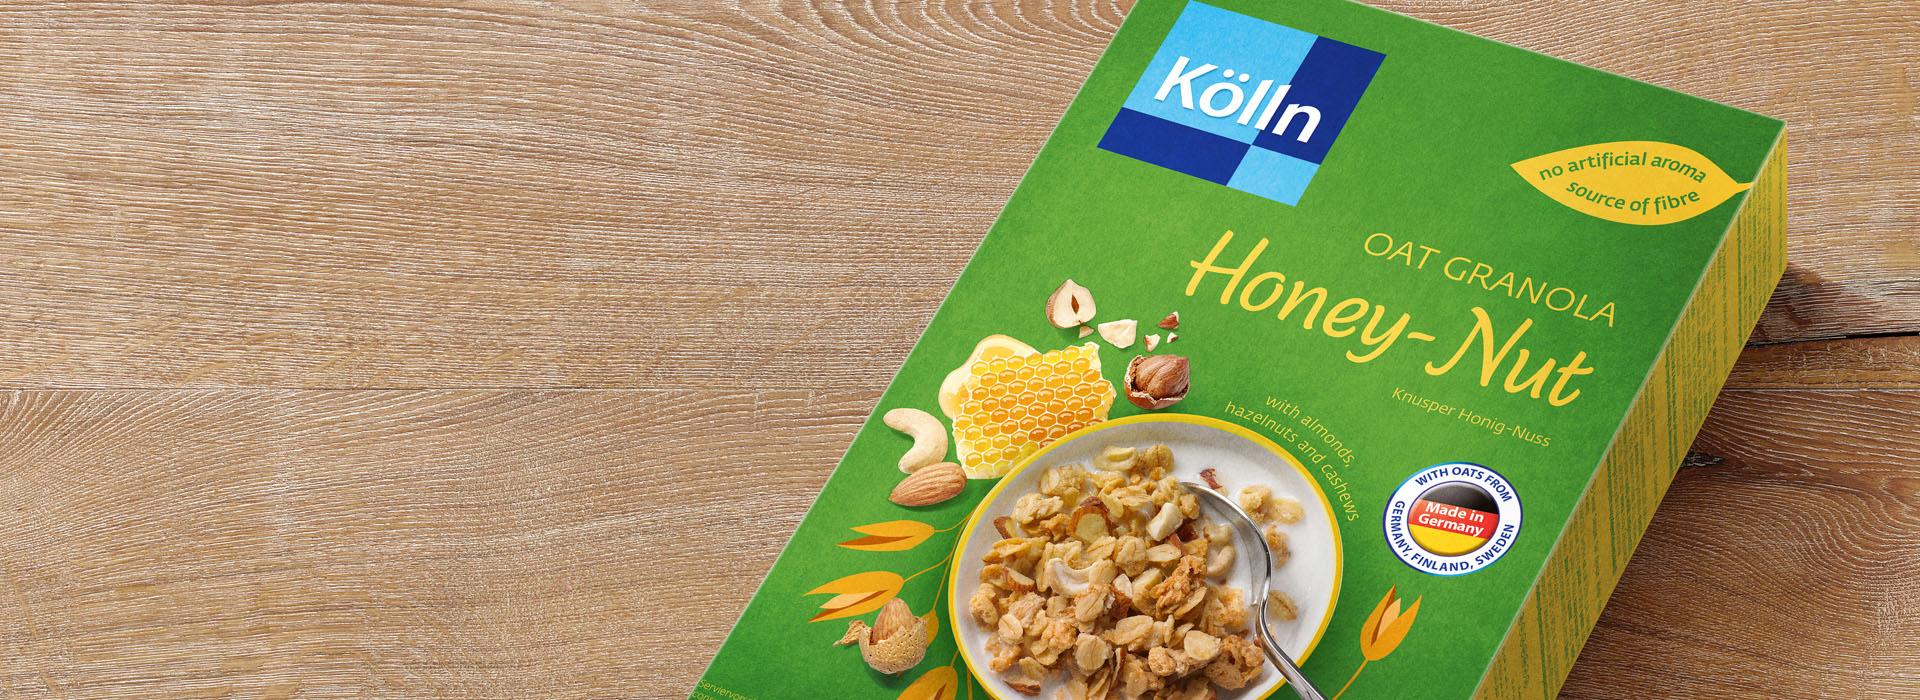 Koelln Oat Granola Honey-Nut Pack on Table